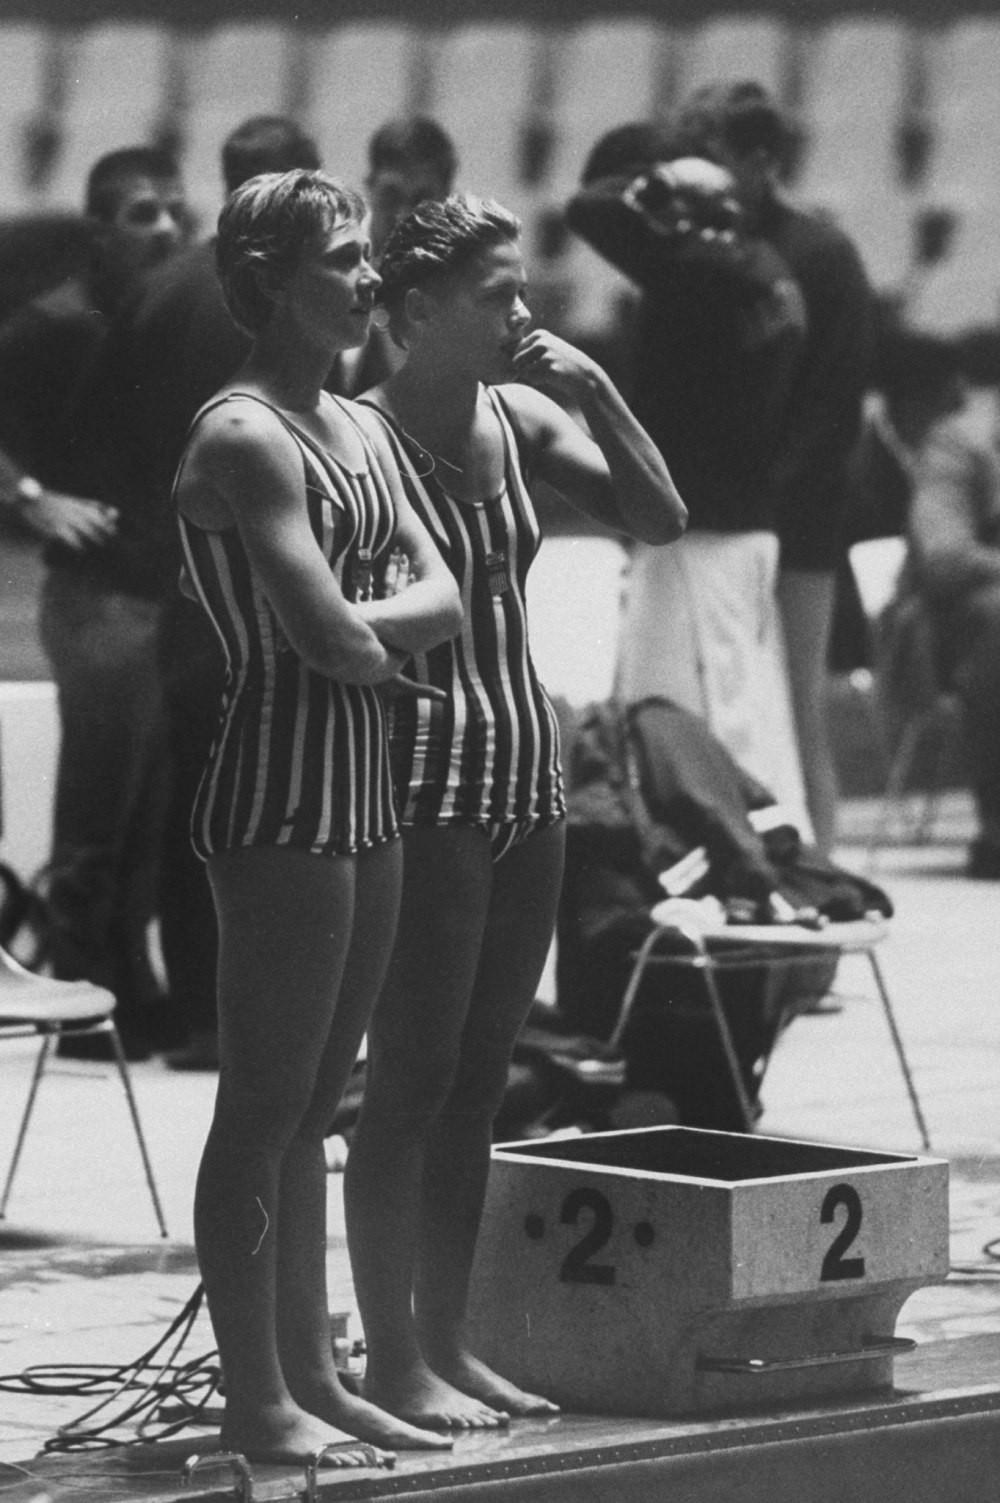 Đồ bơi tại Olympic từng may bằng vải xuyên thấu, trở nên trong suốt dưới nước - 4